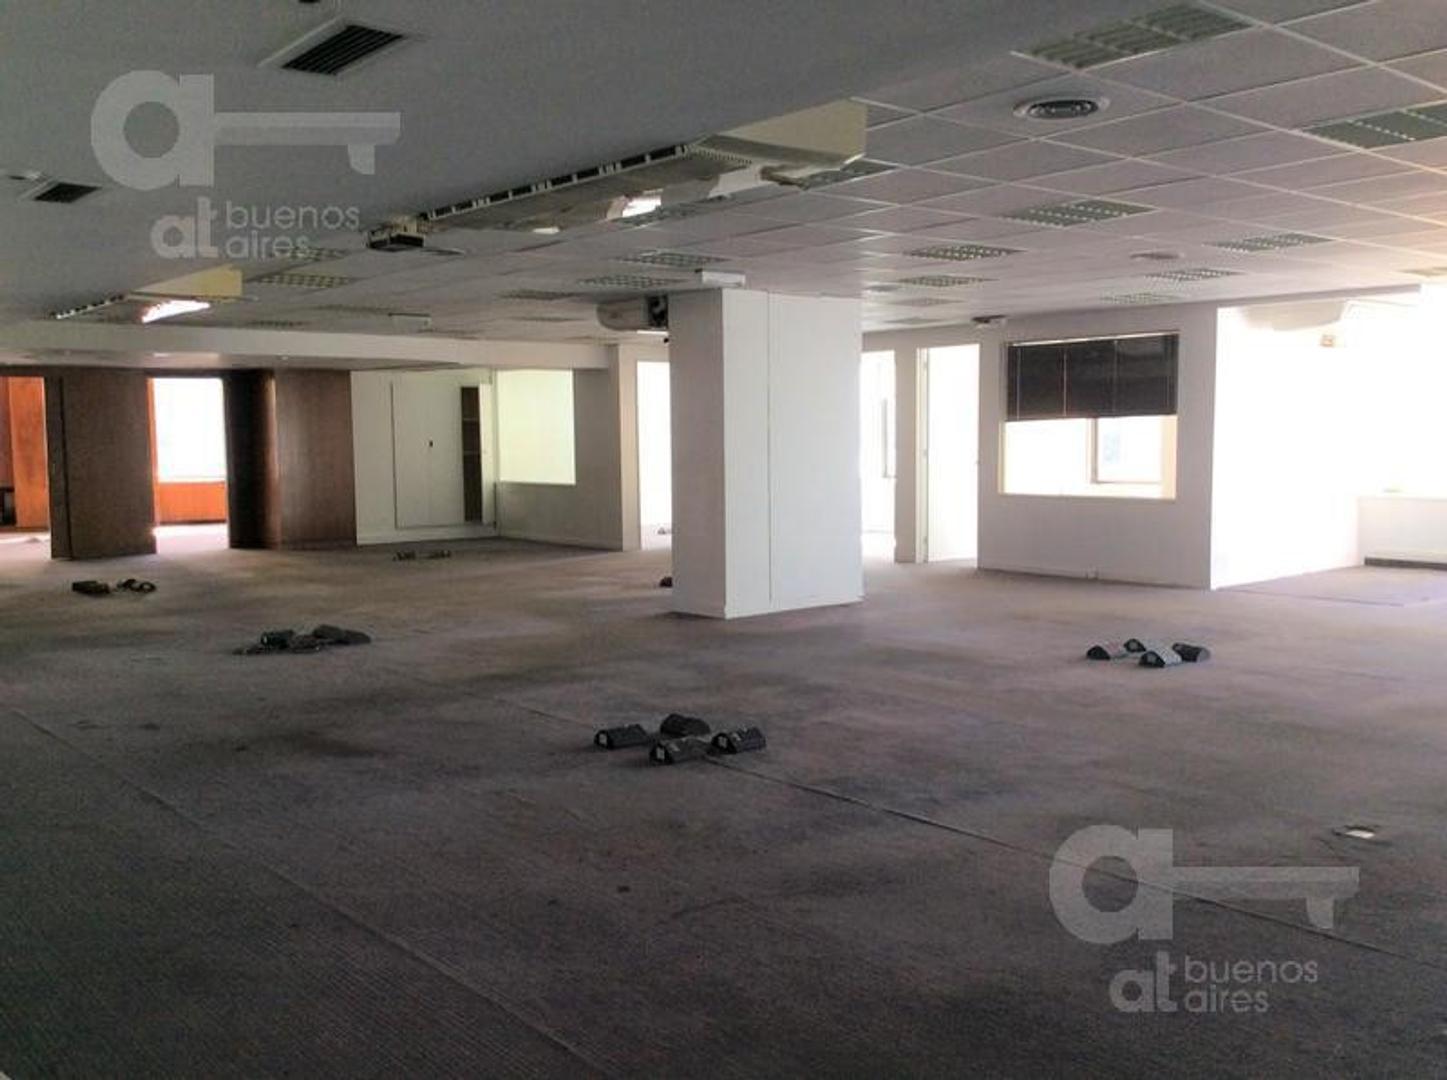 UNICA Oficina comercial de 600 m2 con vista al río y 3 cocheras